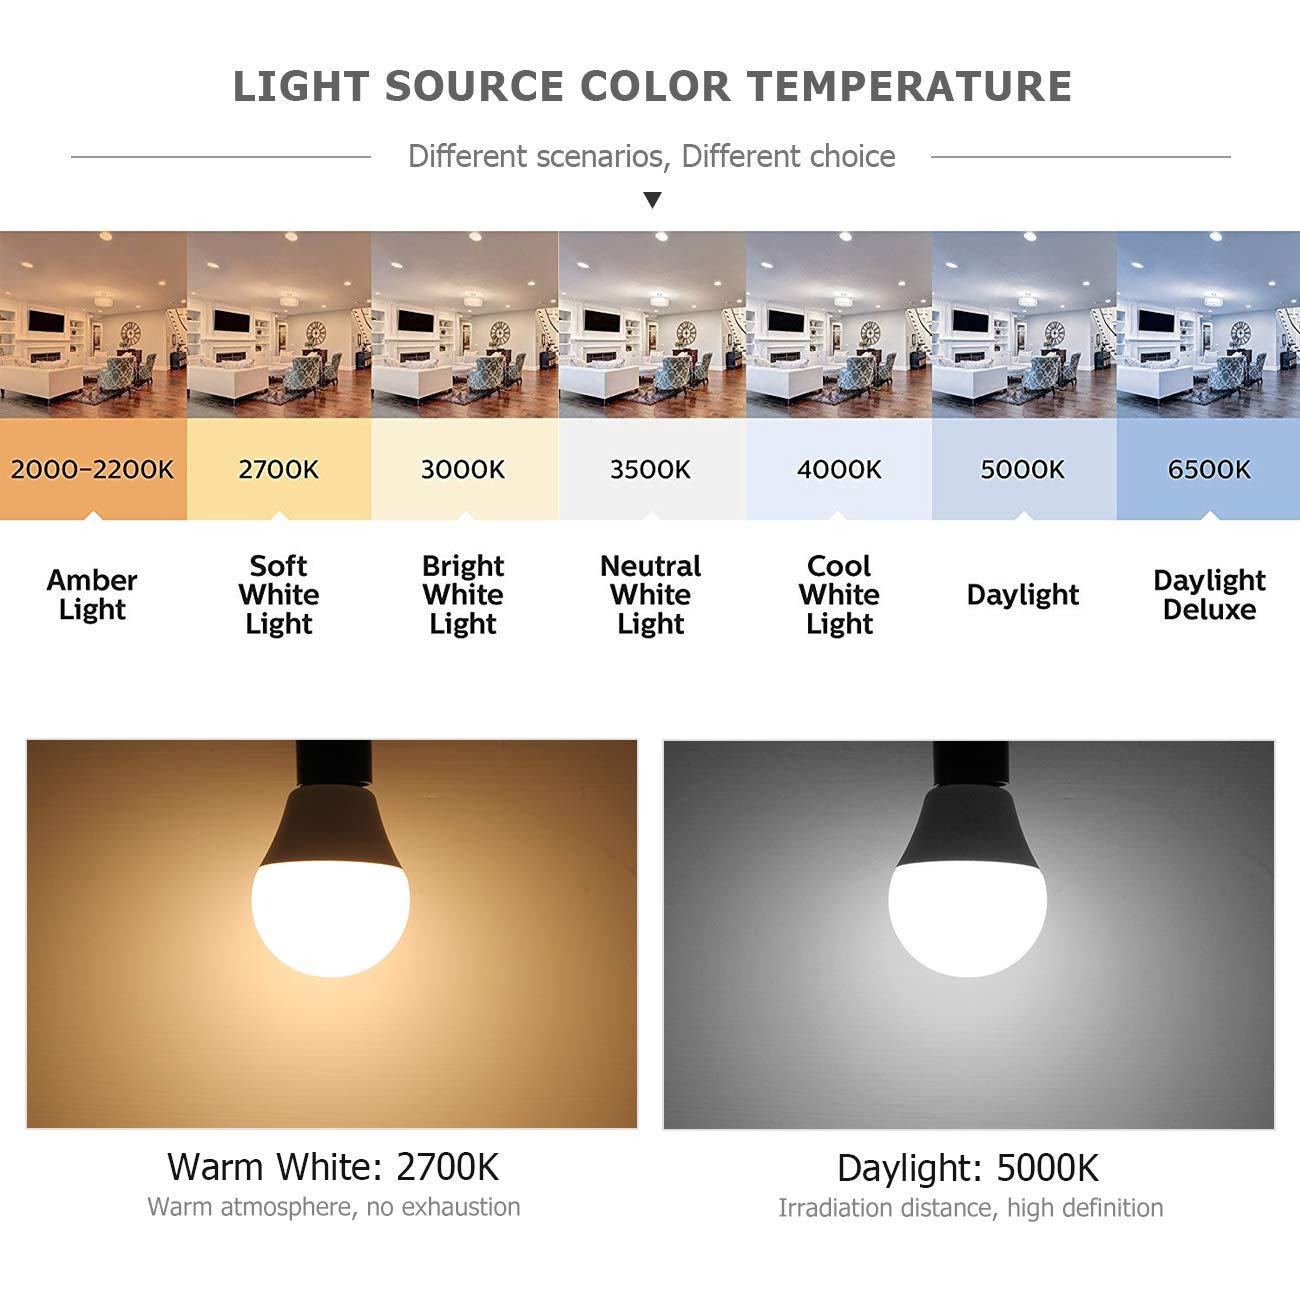 Goyaesque LED Candelabra Light Bulb E12 Base Bulbs G45 Globe Light Bulb 2700K Warm White 6W A15 Ceiling Fan LED Light Bulbs E12 Pack of 6. Non Dimmable